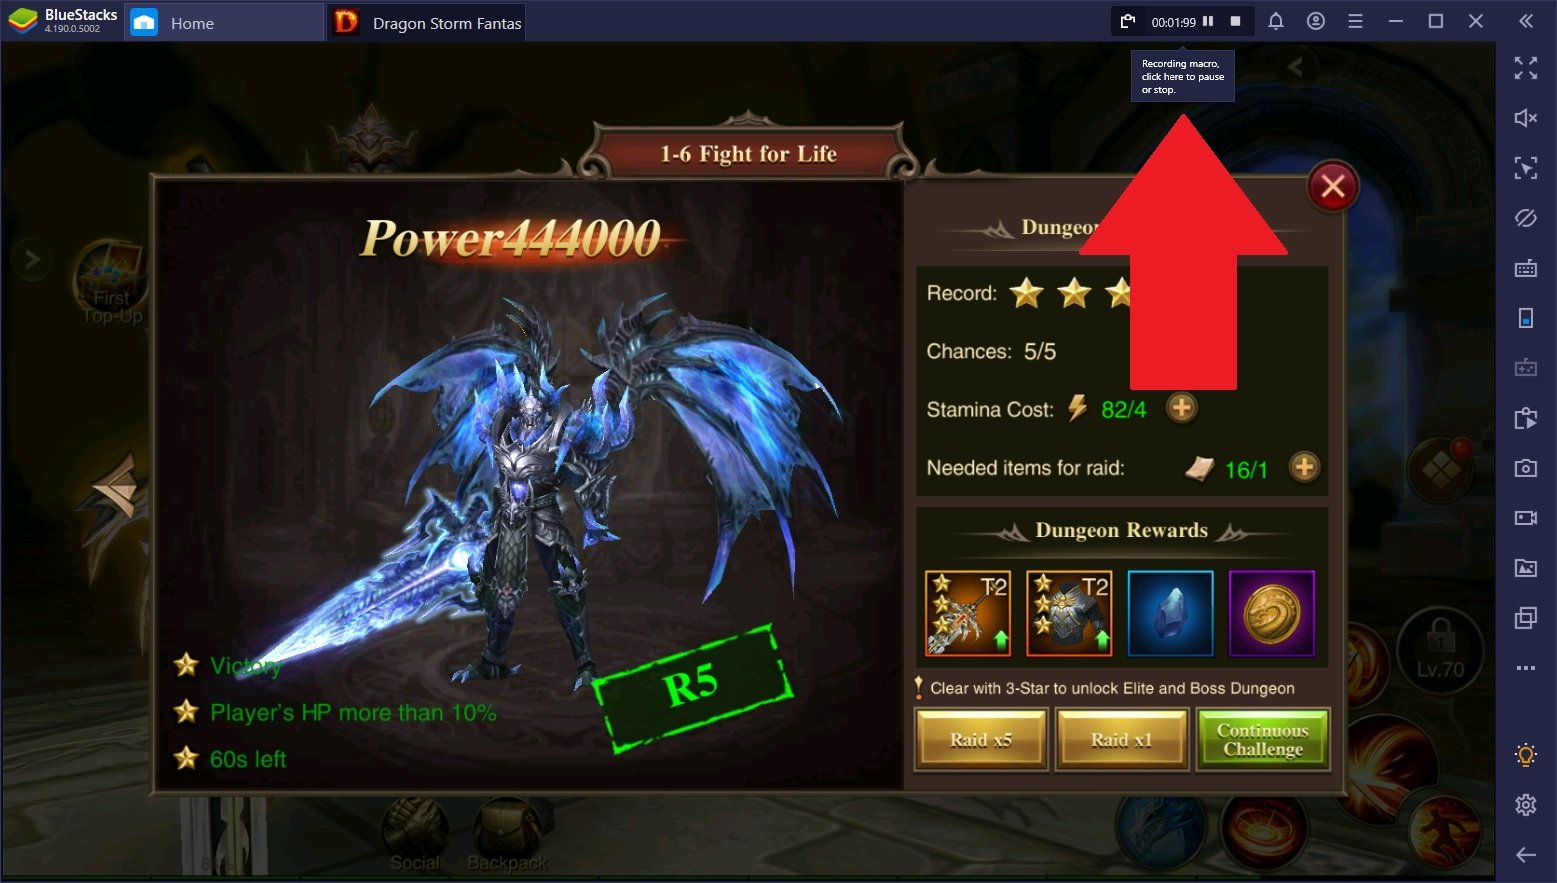 Dragon Storm Fantasy Gold-Farming – BlueStacks benutzen, um Gold automatisch zu erzeugen